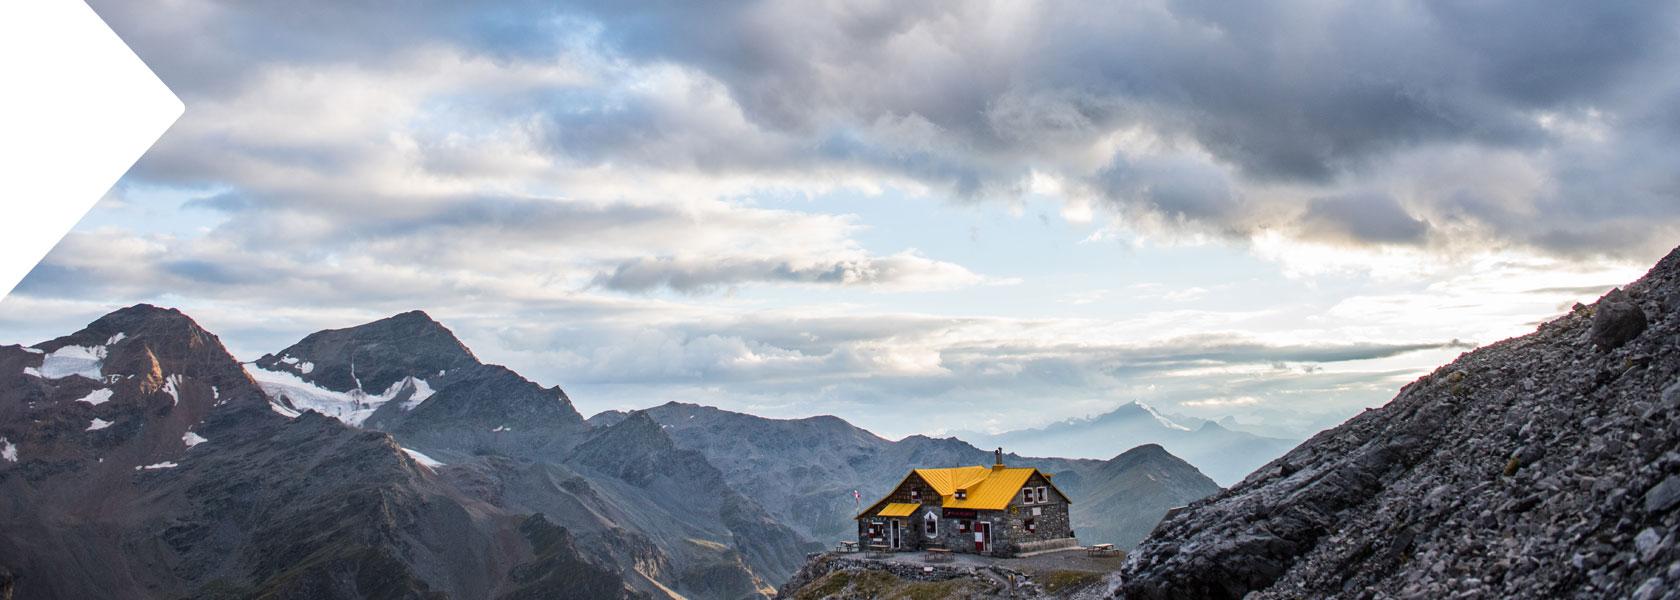 rifugio-cai-valzebru-quintoalpini